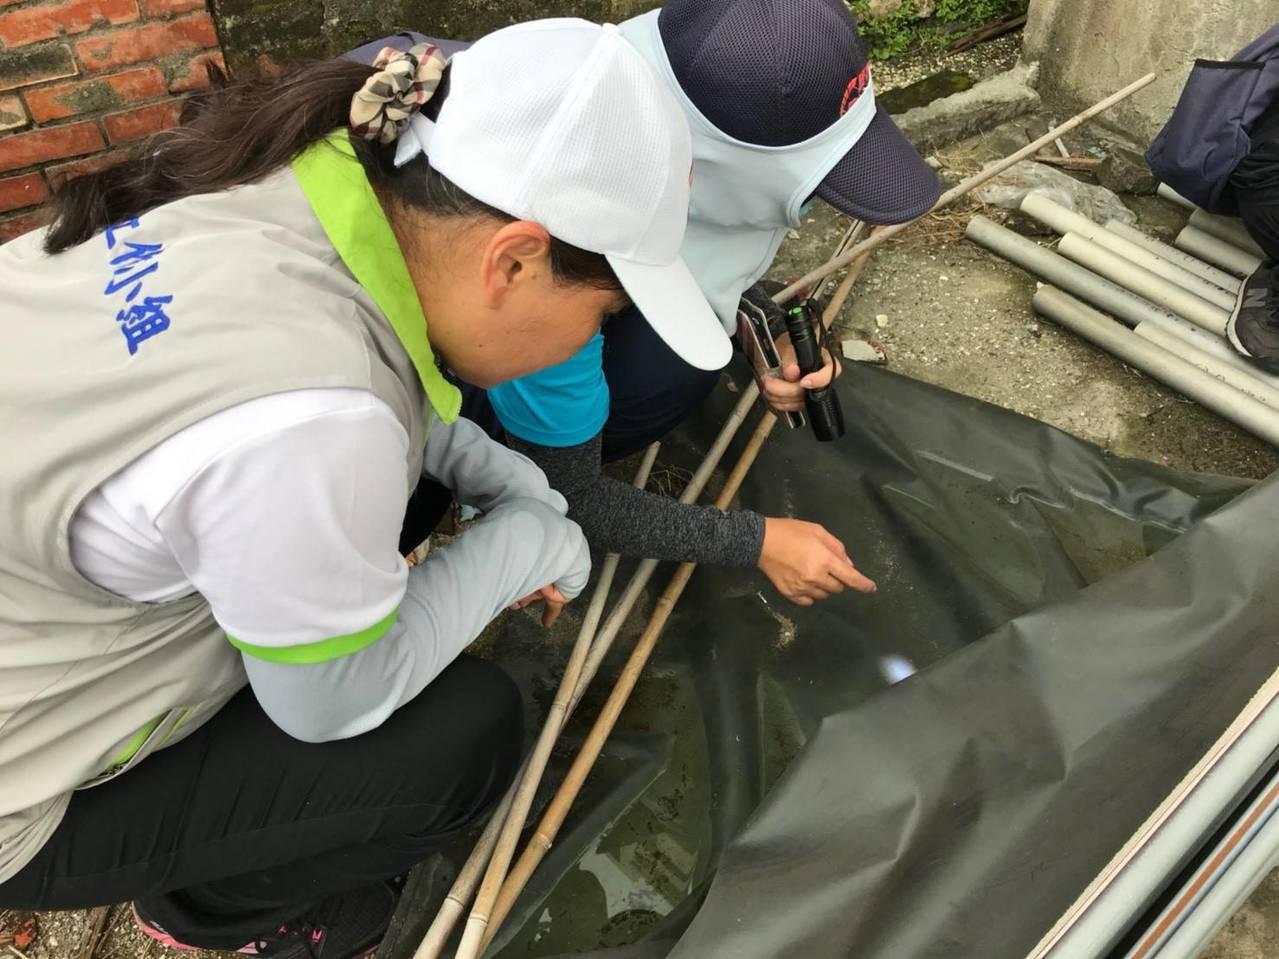 登革熱工作小組在旗津區警戒里高風險場域聯合複查。圖/高雄市衛生局提供